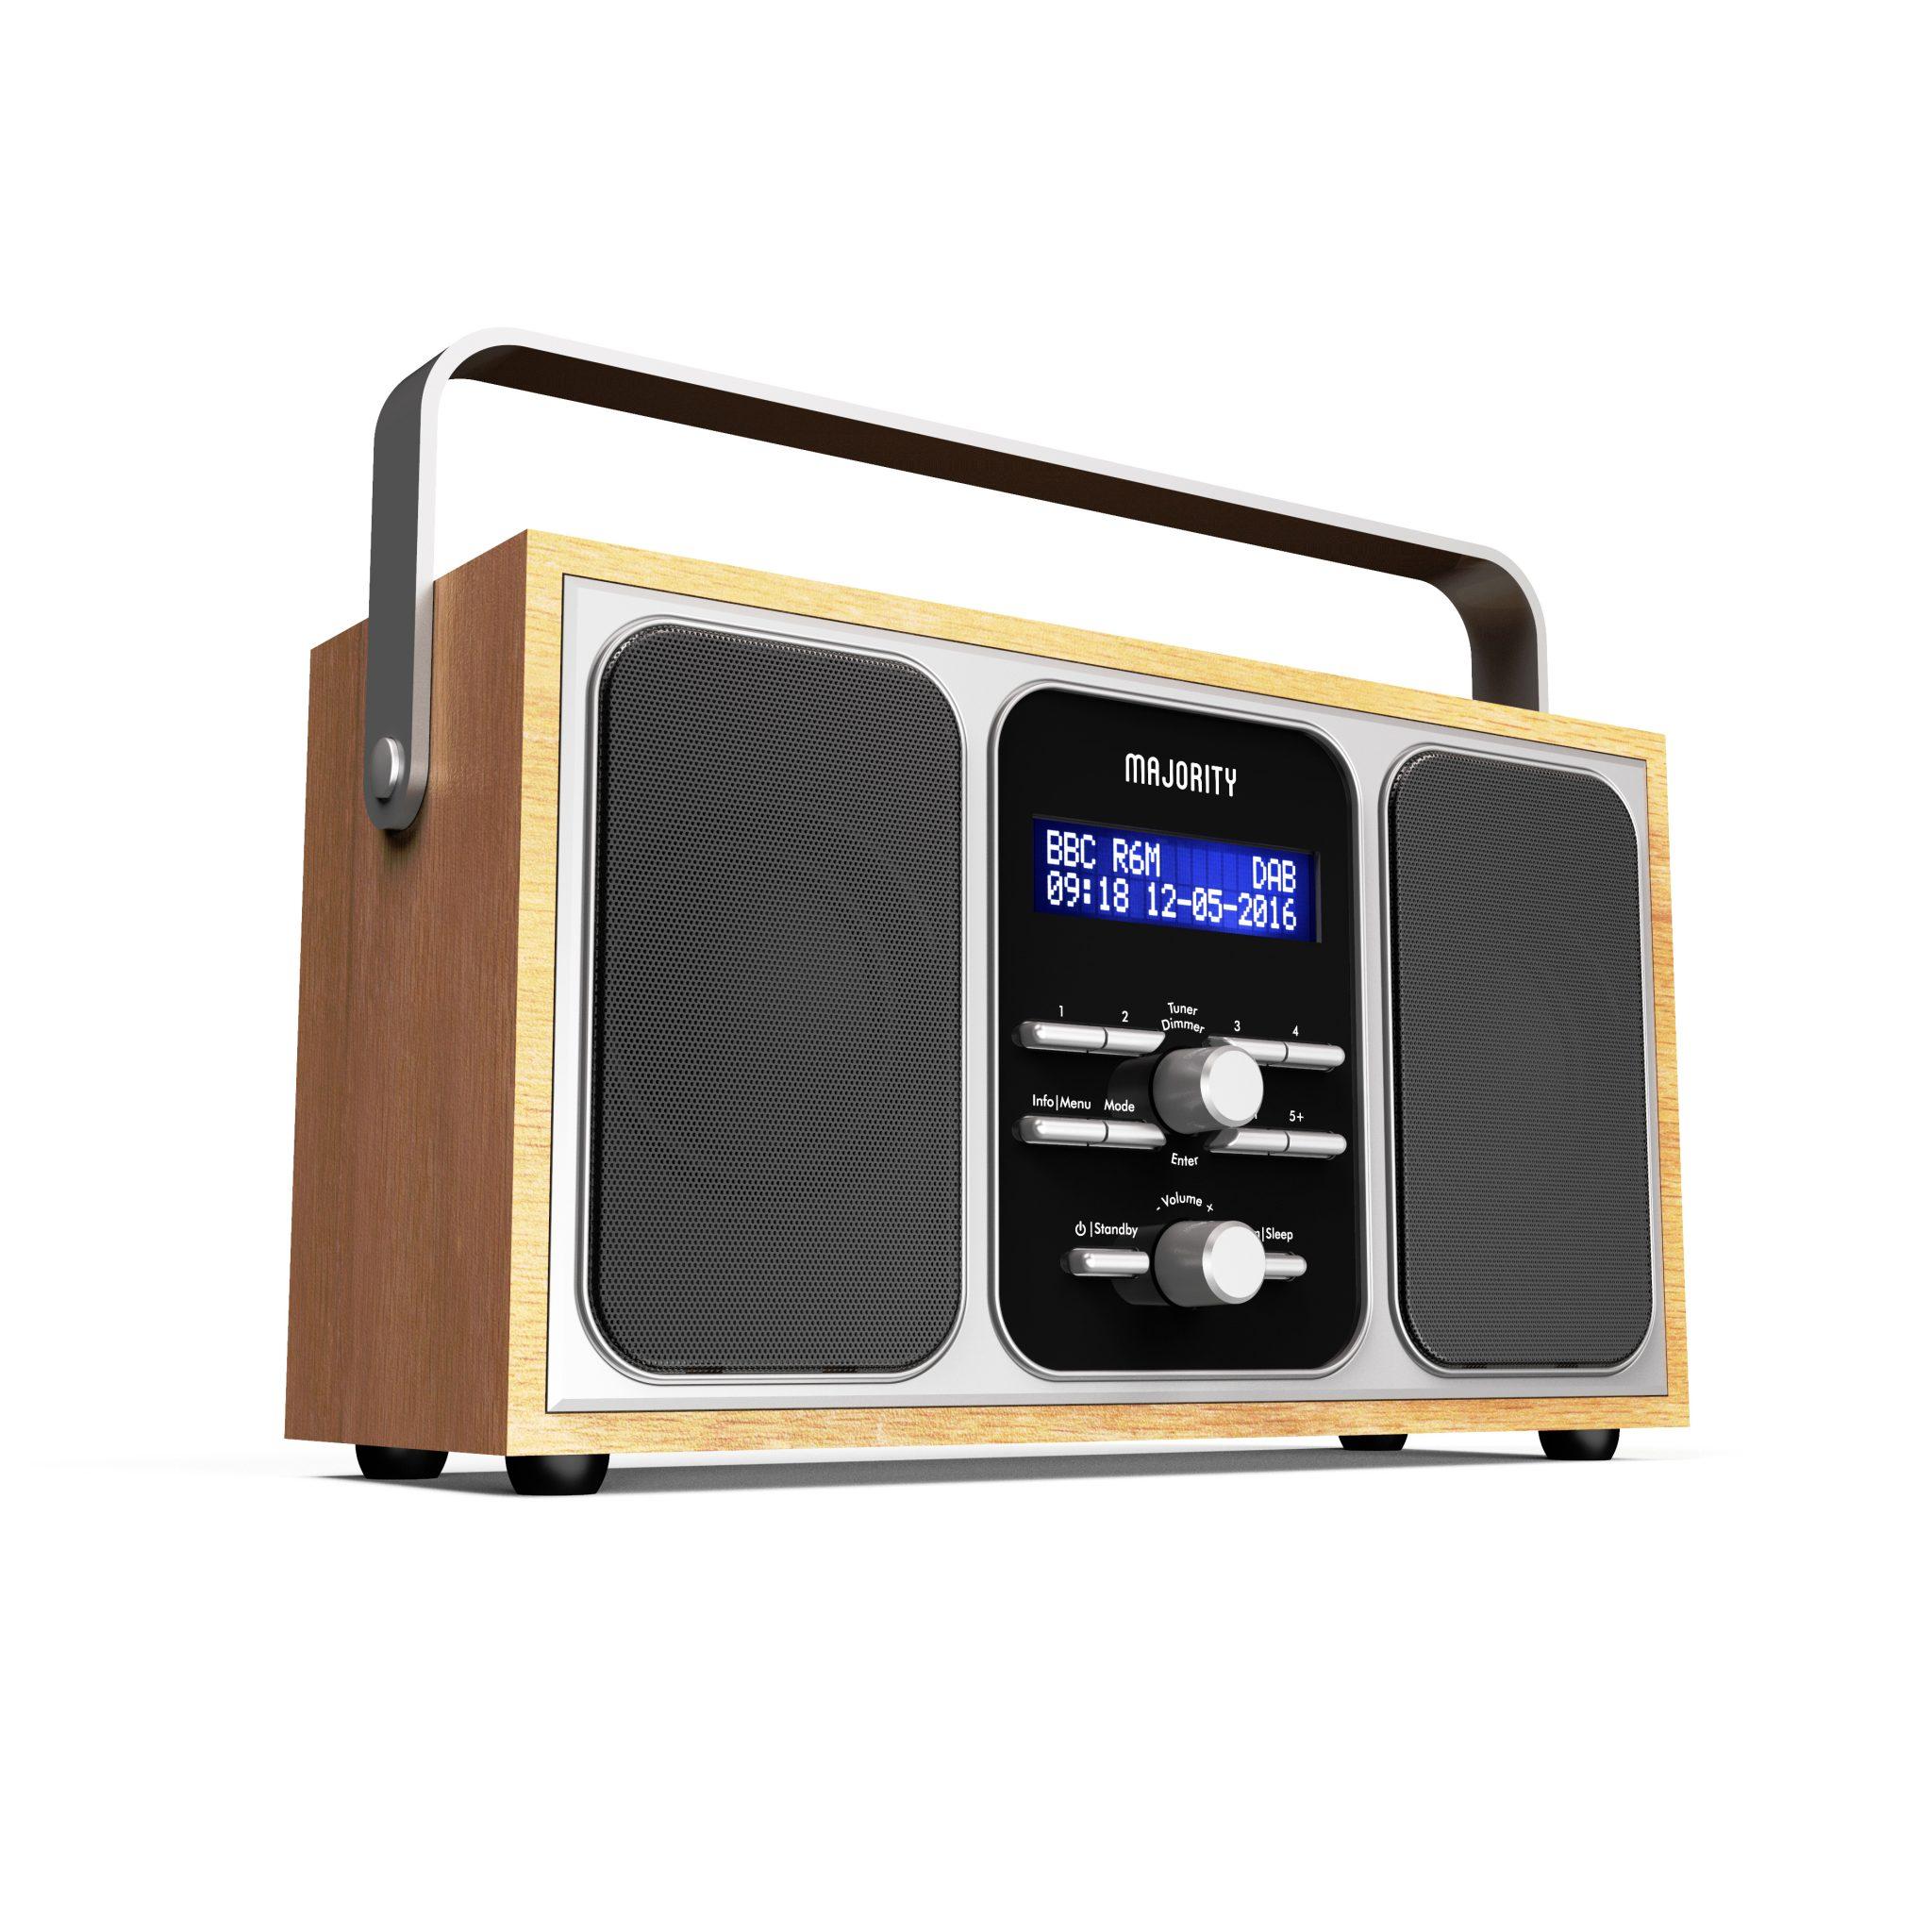 Portable DAB Radio - Girton Angled